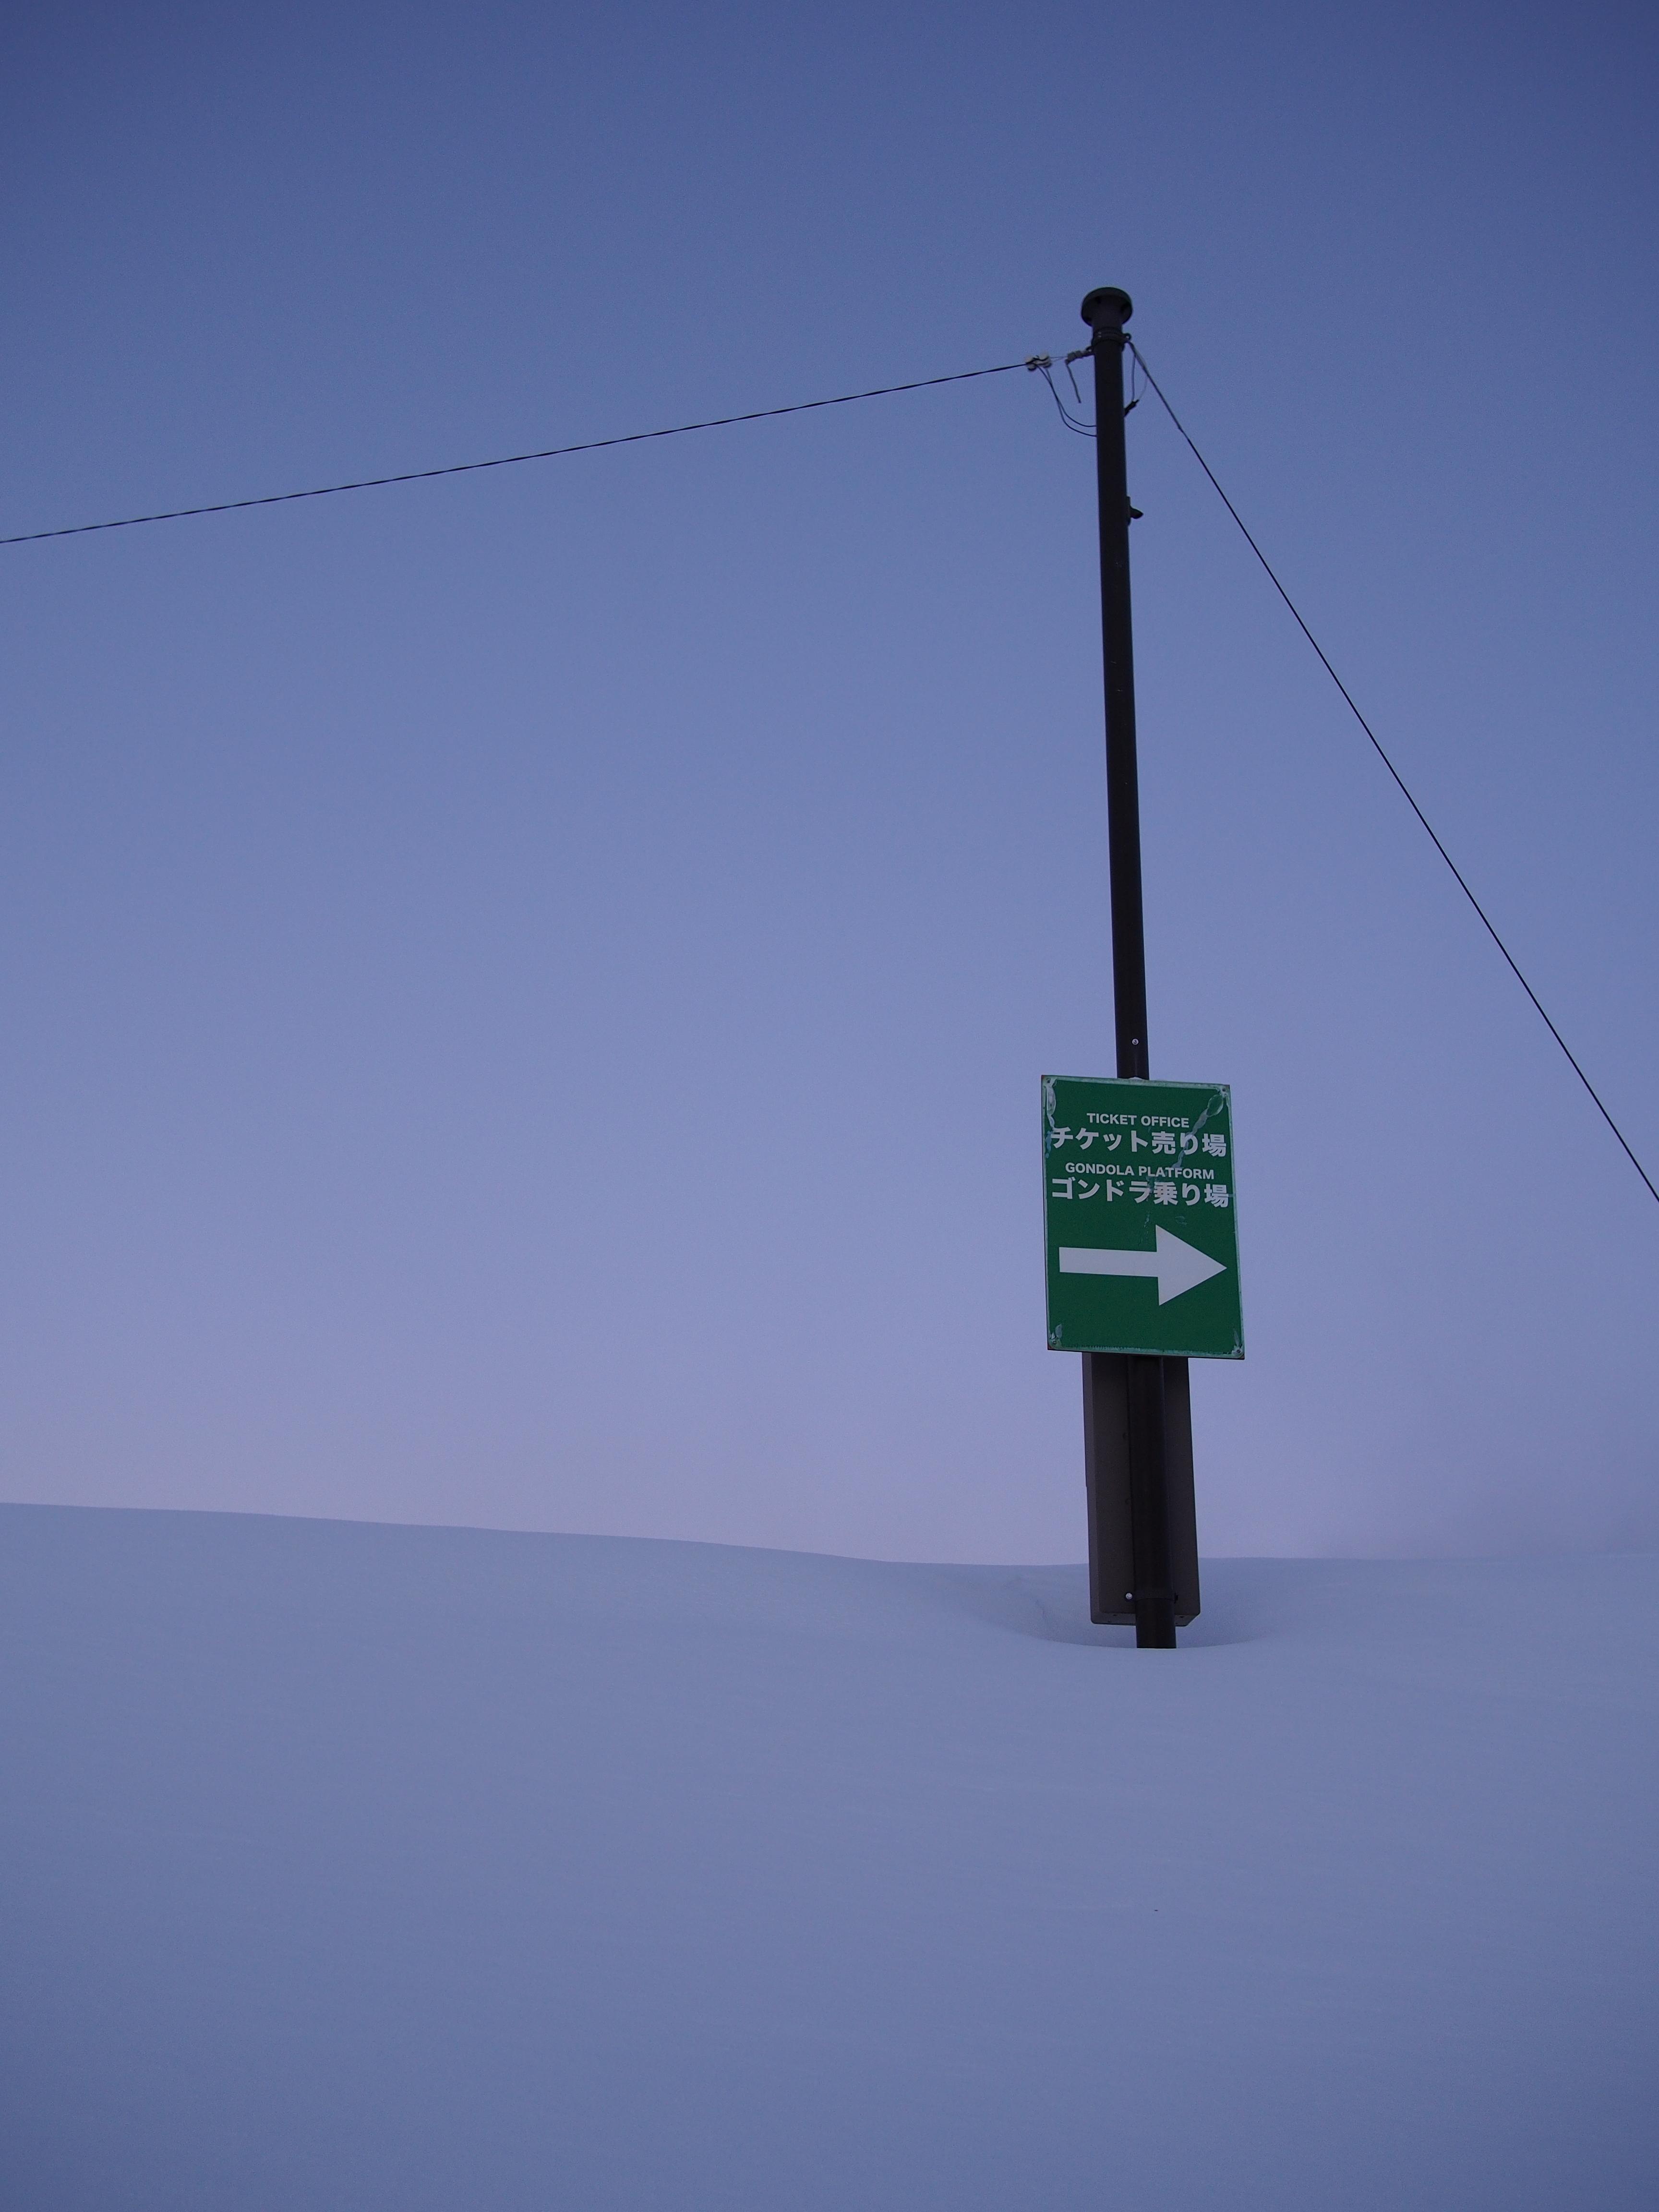 雪に埋もれた電柱